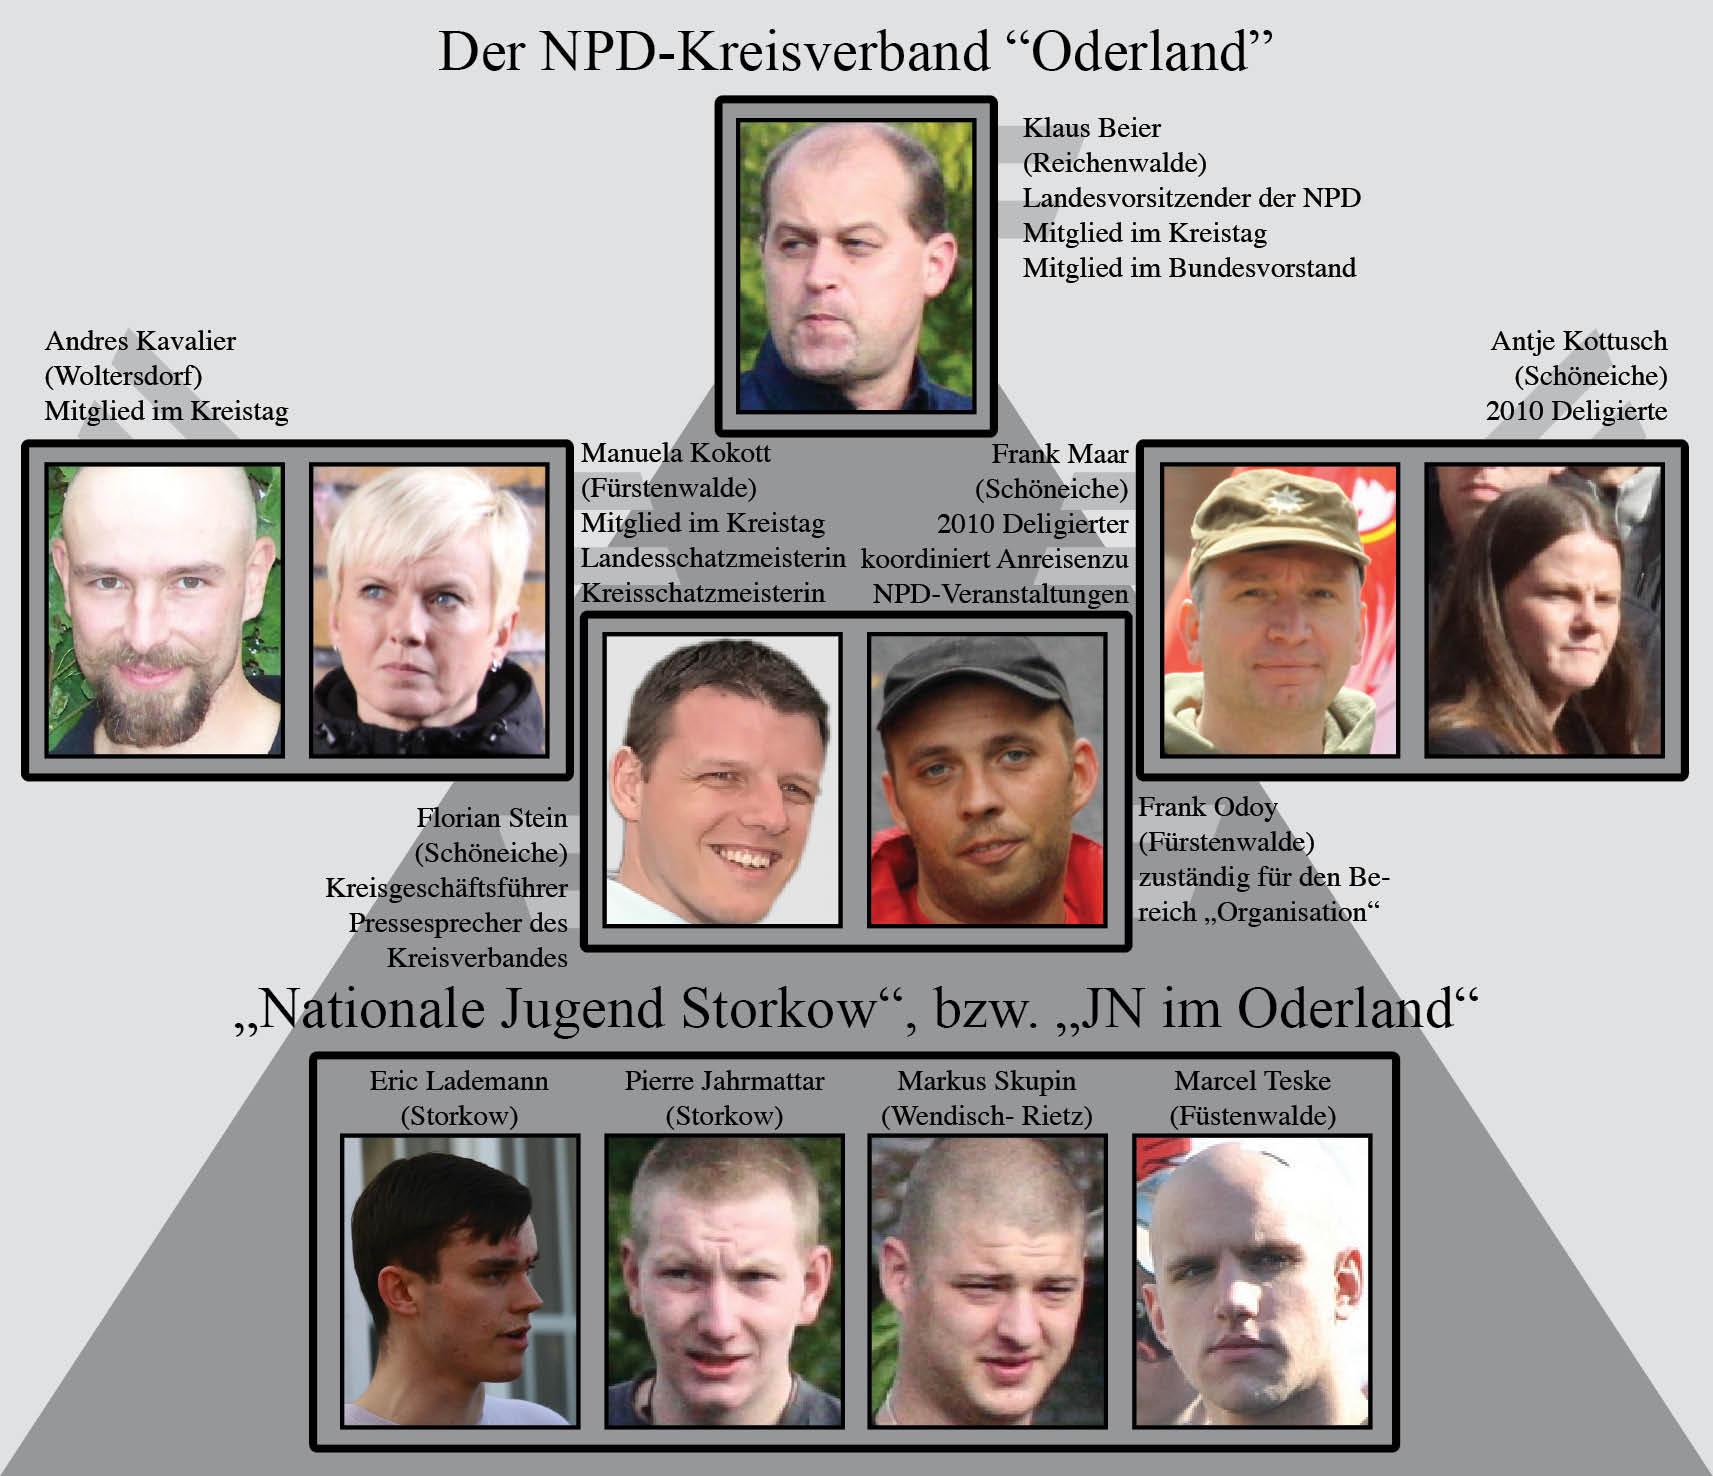 """Schema der Organisationsstruktur des NPD-Kreisverbandes """"Oderland"""" (Stand: 11/2012)"""